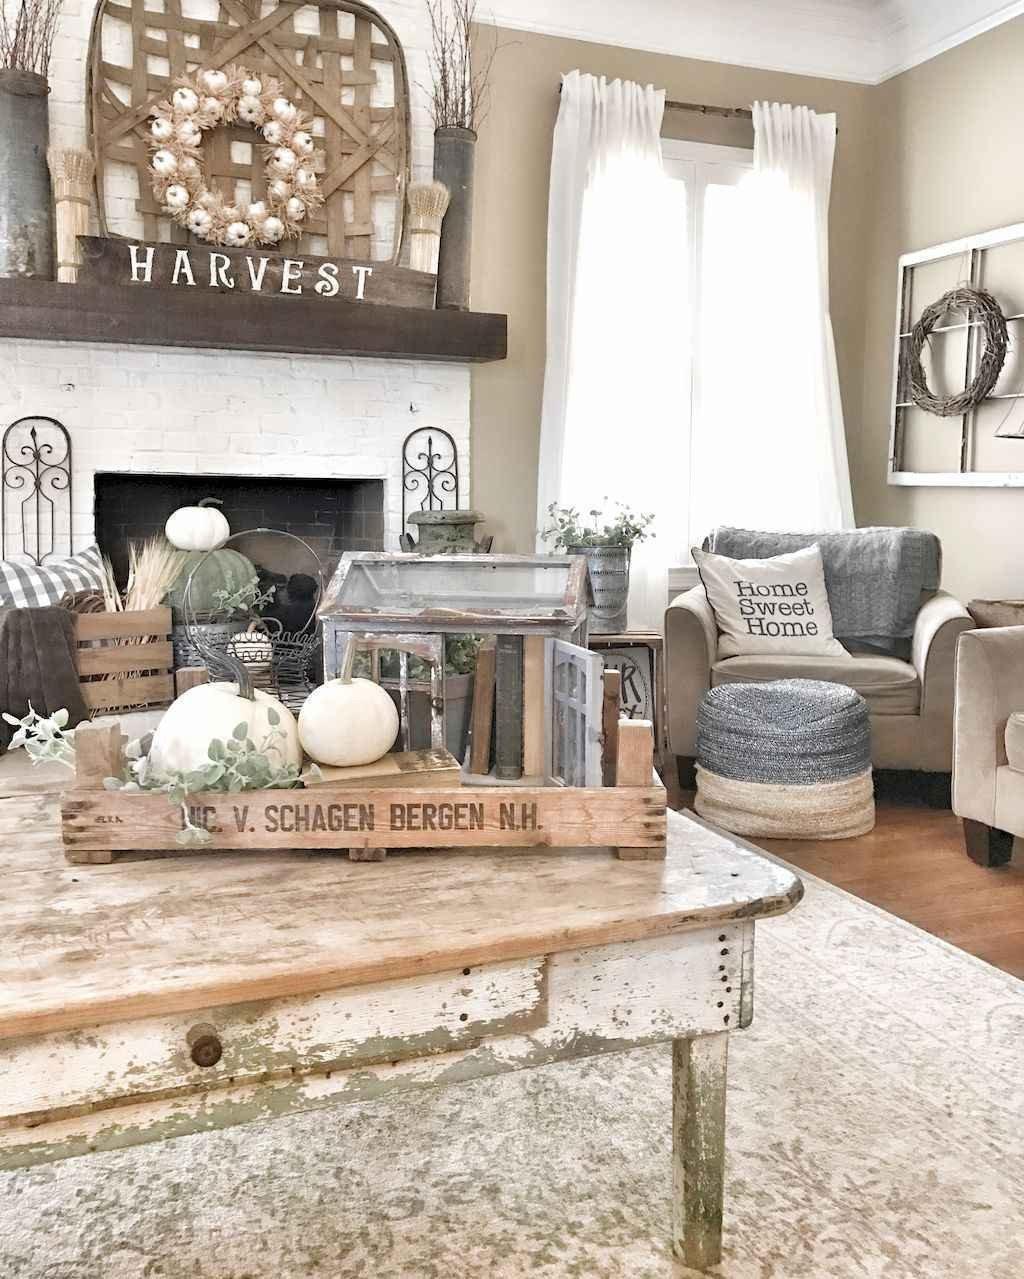 Rustic Living Room Decor Ideas Unique 60 Rustic Farmhouse Living Room Design and Decor Ideas